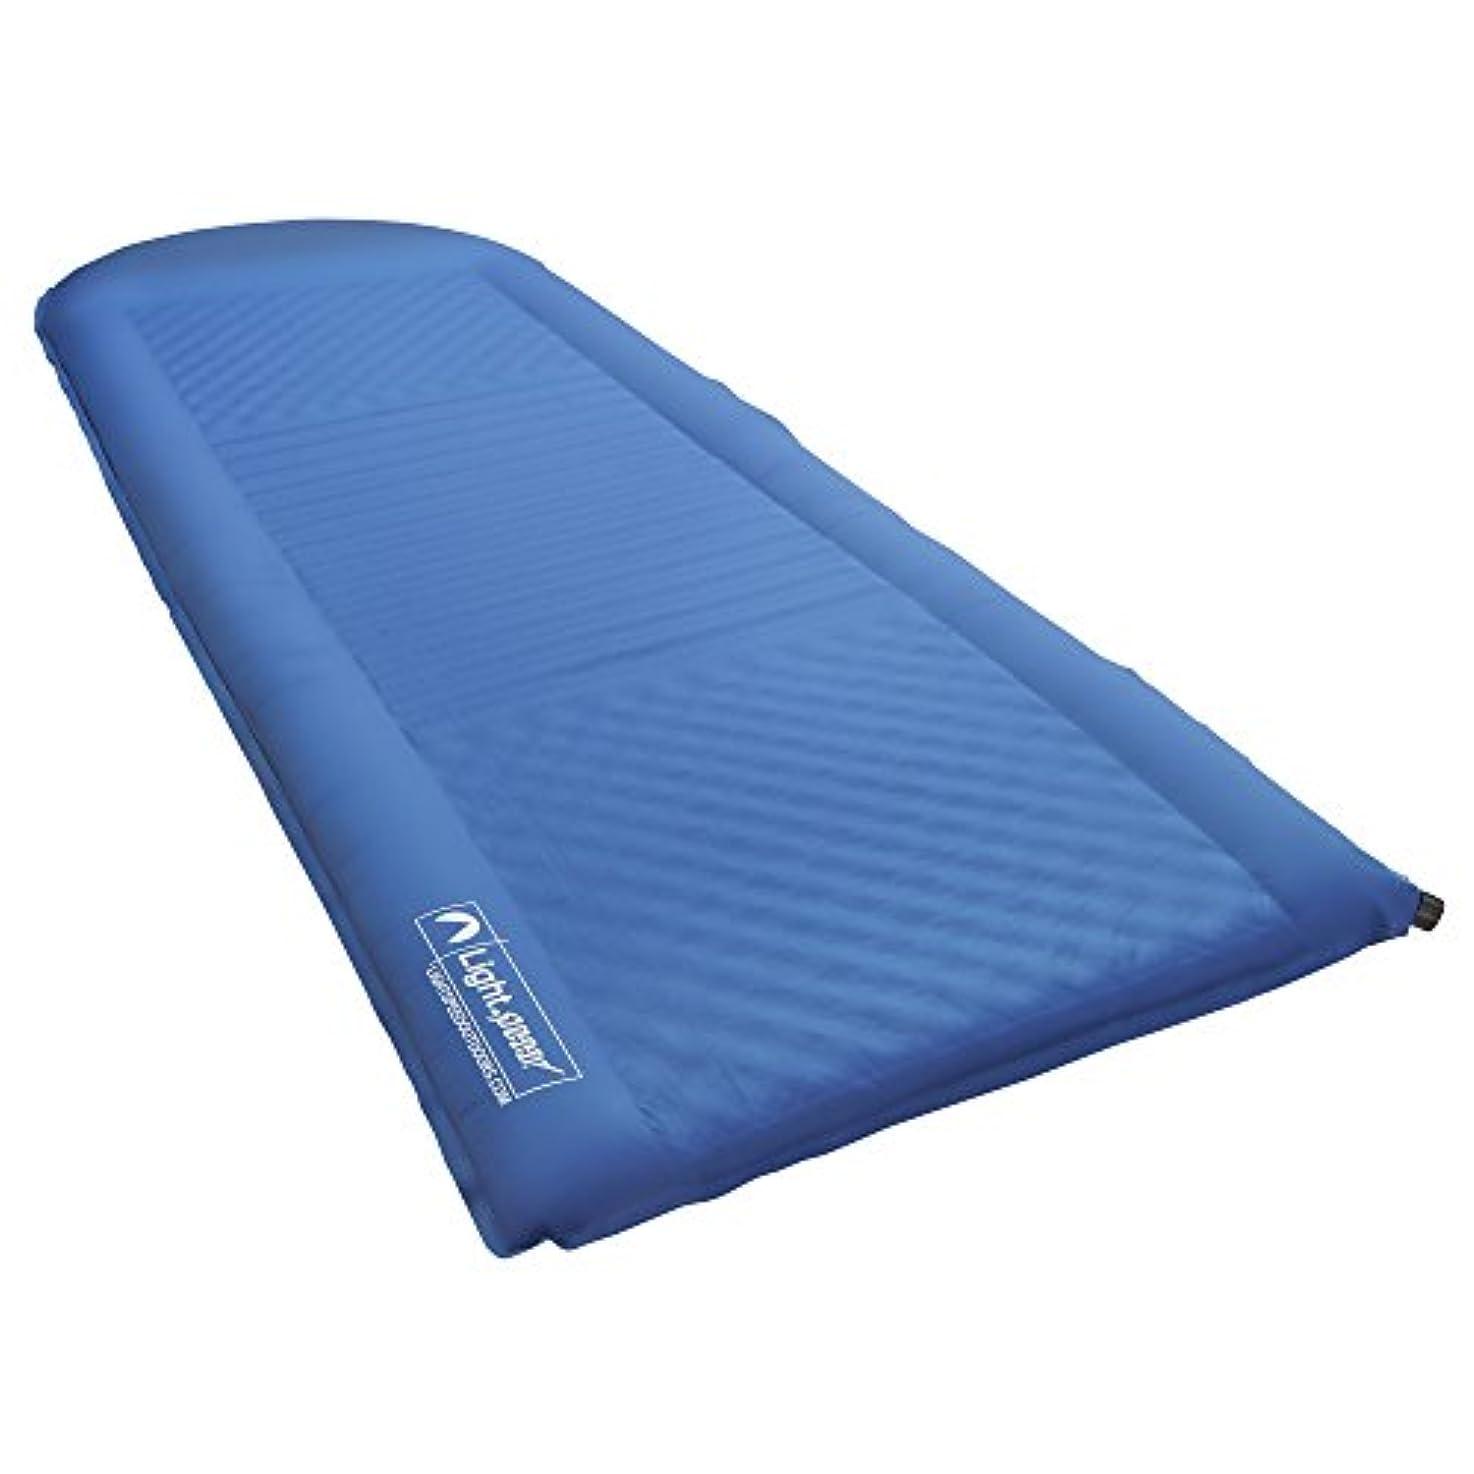 アッティカス時々時々マザーランドLightspeed Outdoors PVC-Free Self Inflating Camp Sleep Pad [並行輸入品]